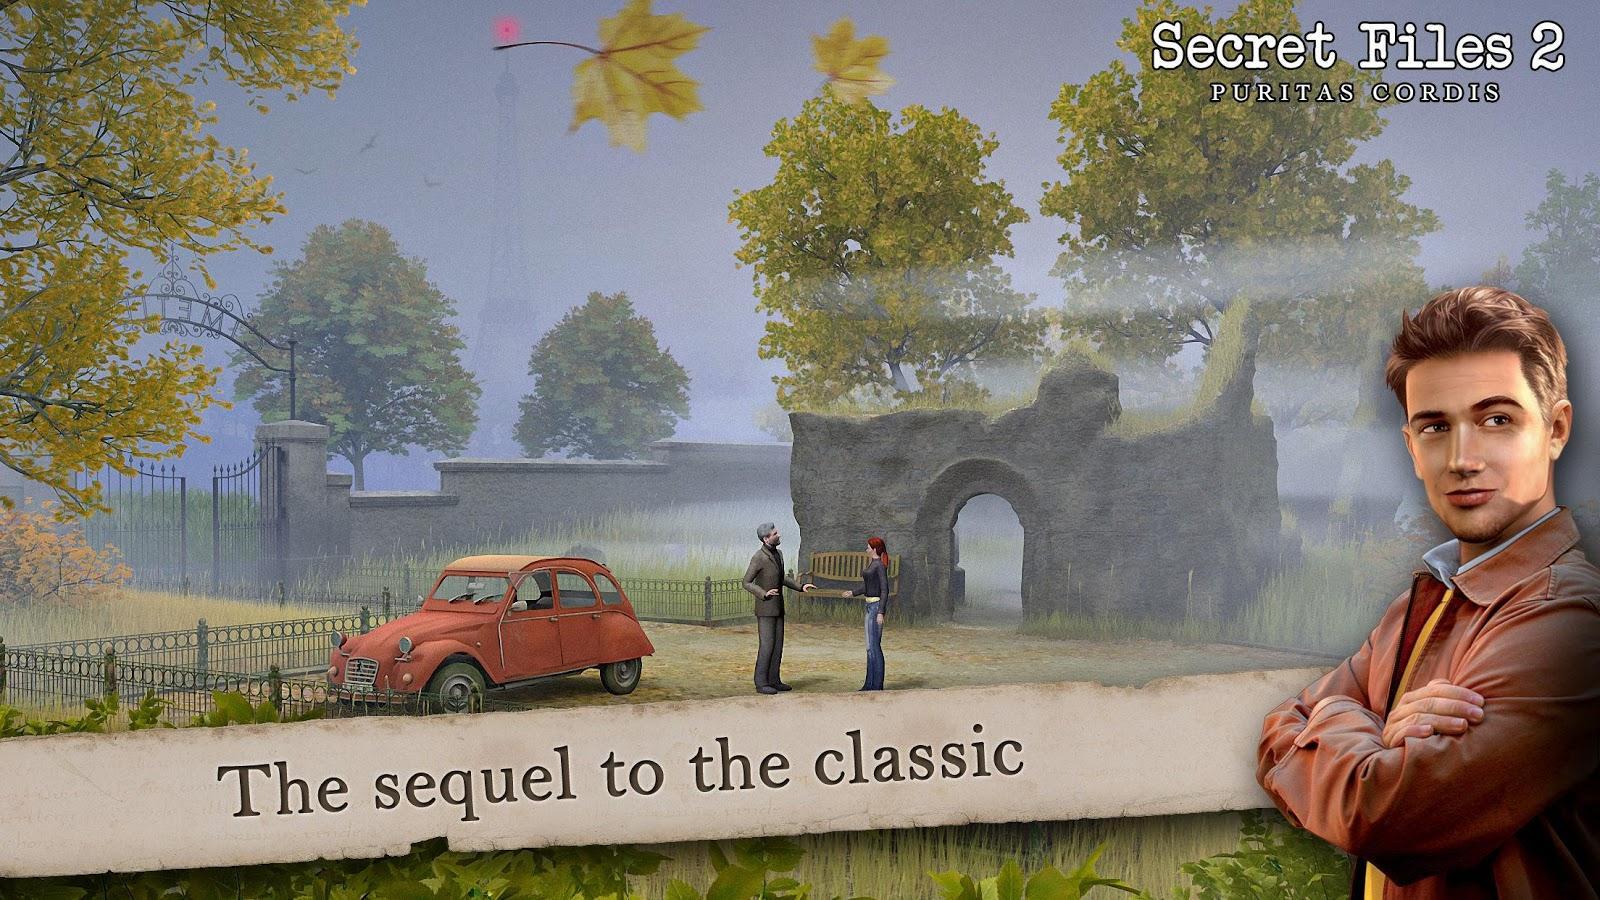 Тунгуска секретные материалы игра скачать торрент есть ссылка.